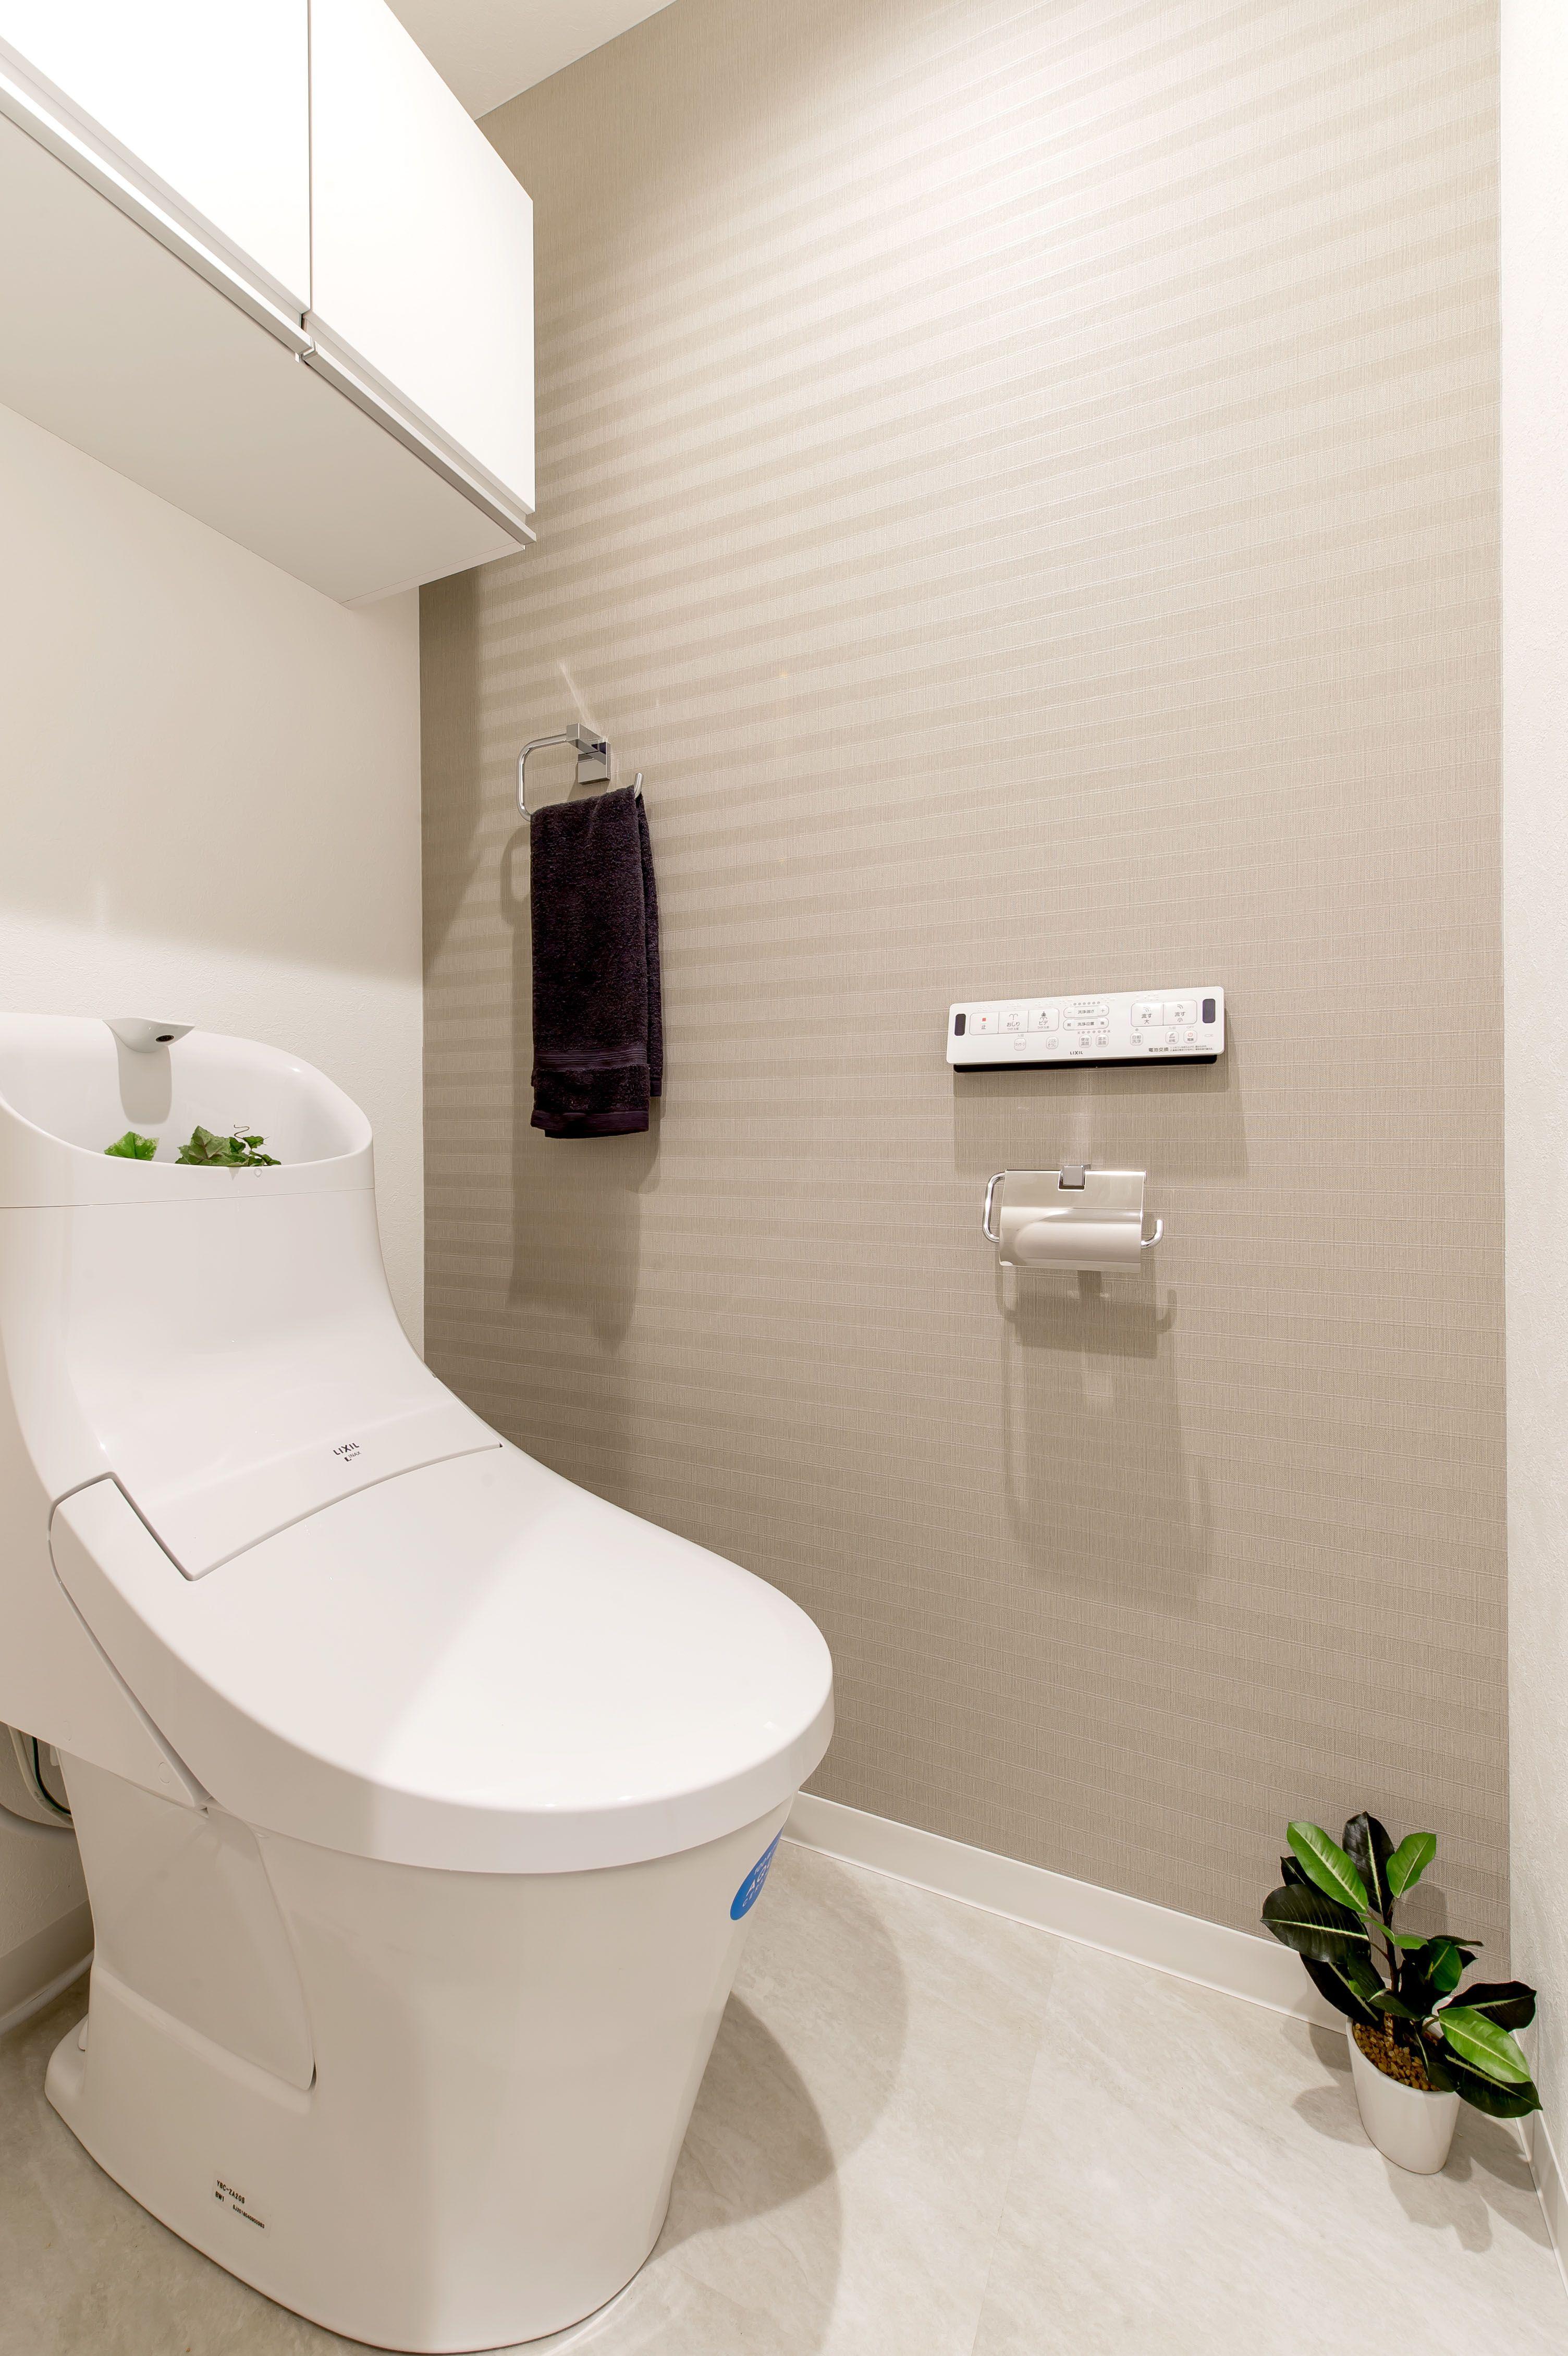 コンパクトリノベーション カームナチュラル 誕生 リノステージ リノベーション マンションリノベ 中古マンション ナチュラル トイレ インテリア リノベ 壁紙 シンプル Arise トイレ おしゃれ 小さなトイレ トイレのデザイン